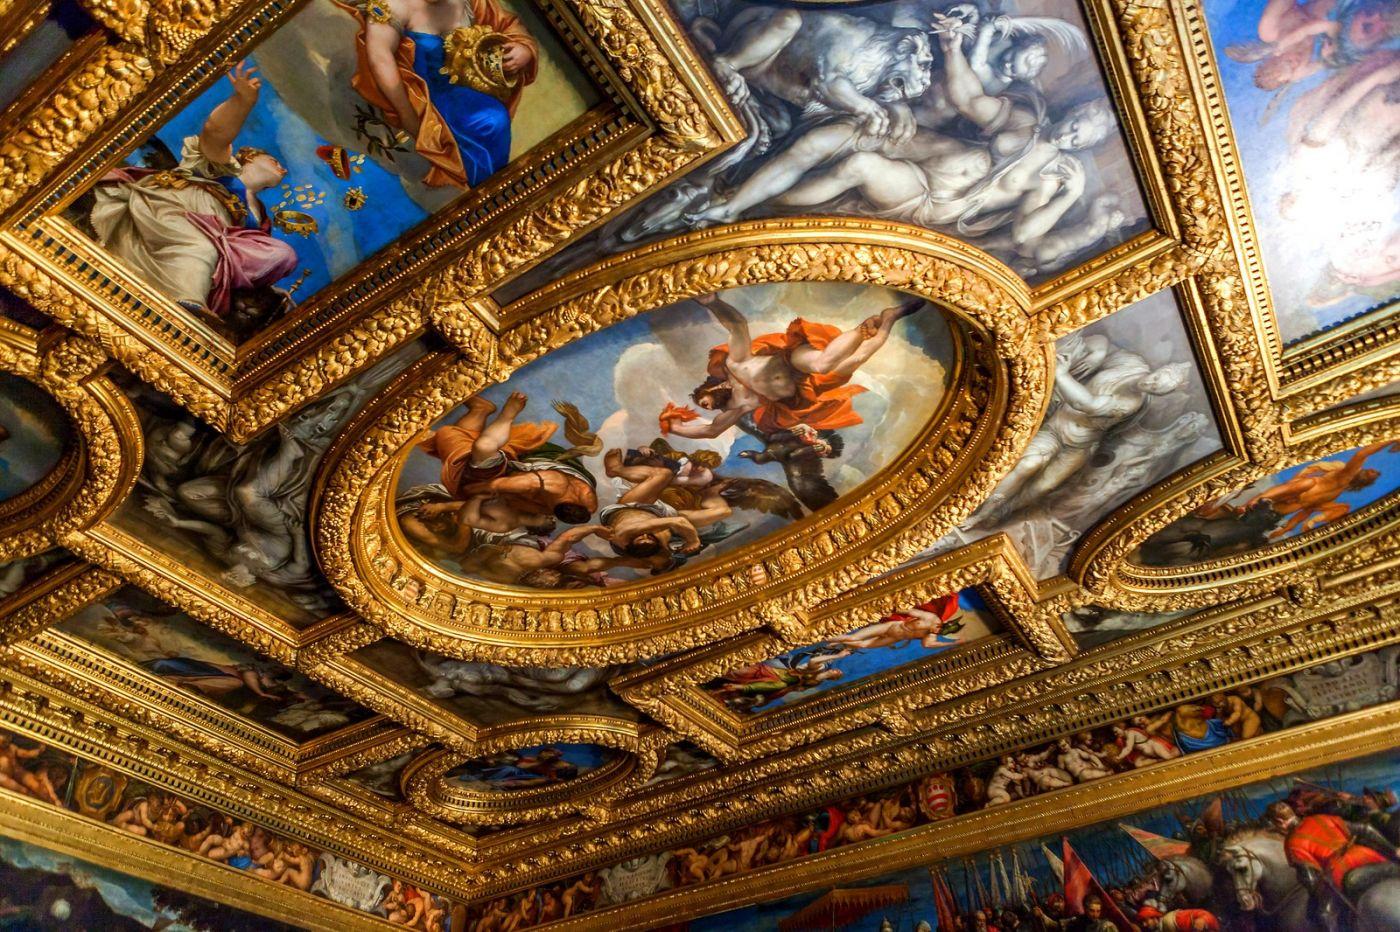 威尼斯圣马可大教堂(St Mark's Basilica), 精雕细琢的顶设_图1-4